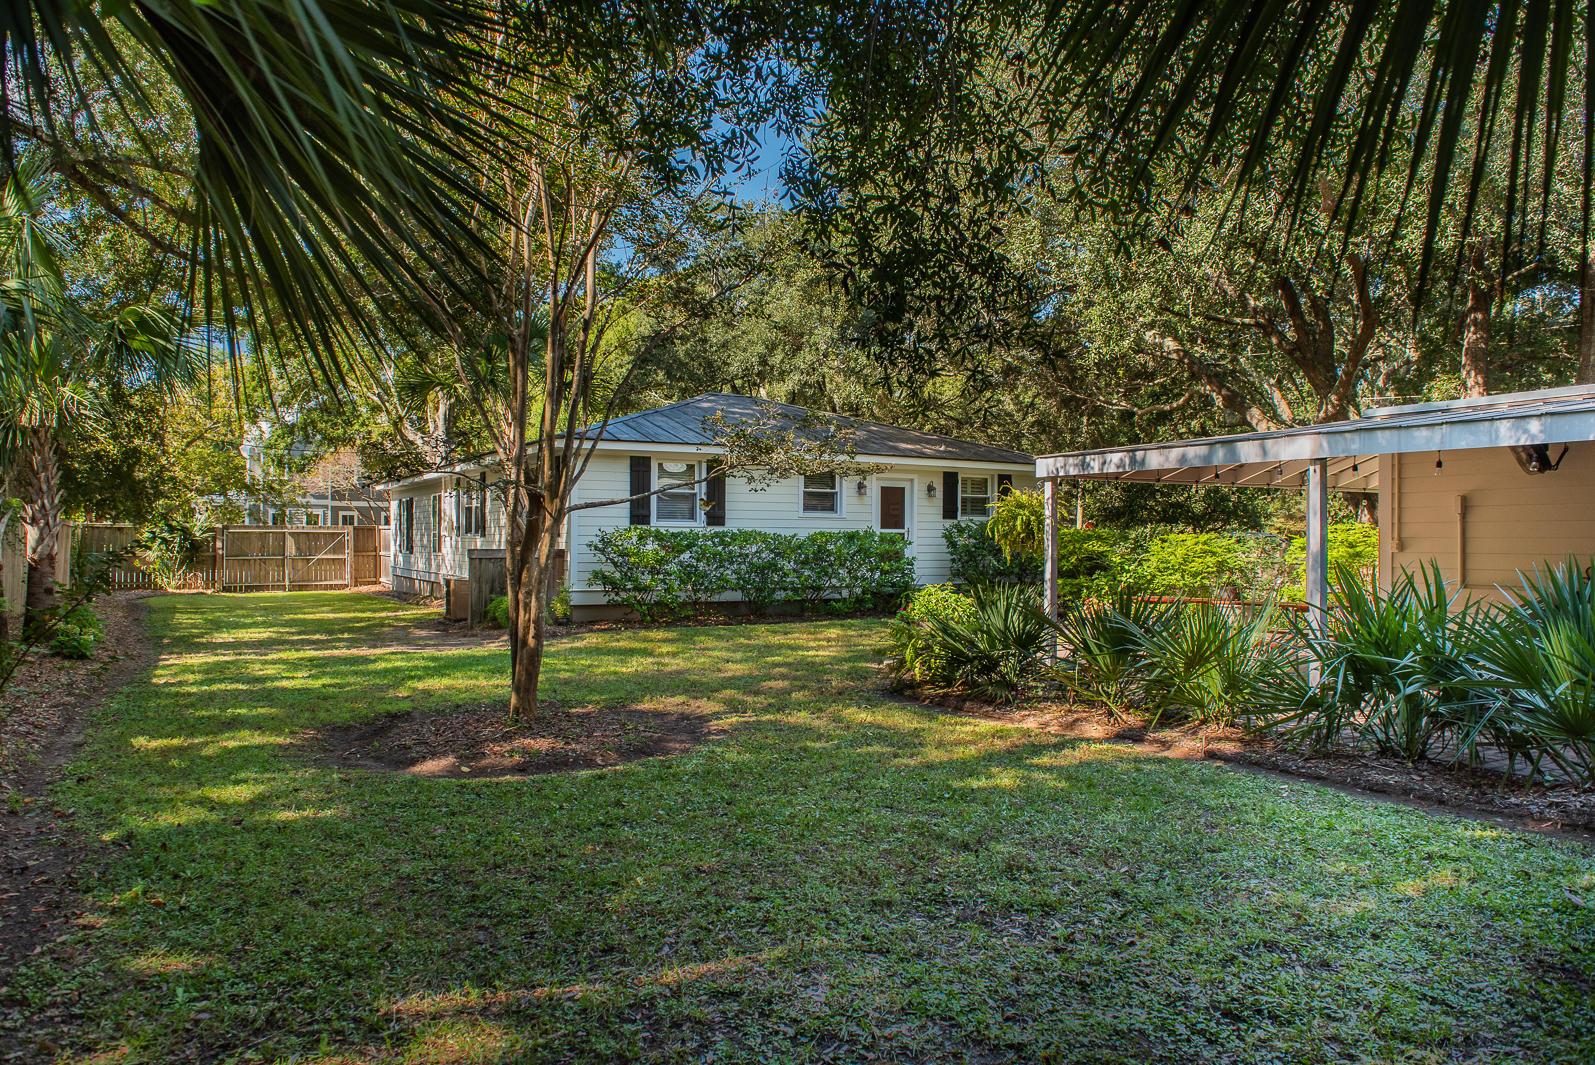 Old Mt Pleasant Homes For Sale - 1344 Fairmont, Mount Pleasant, SC - 59